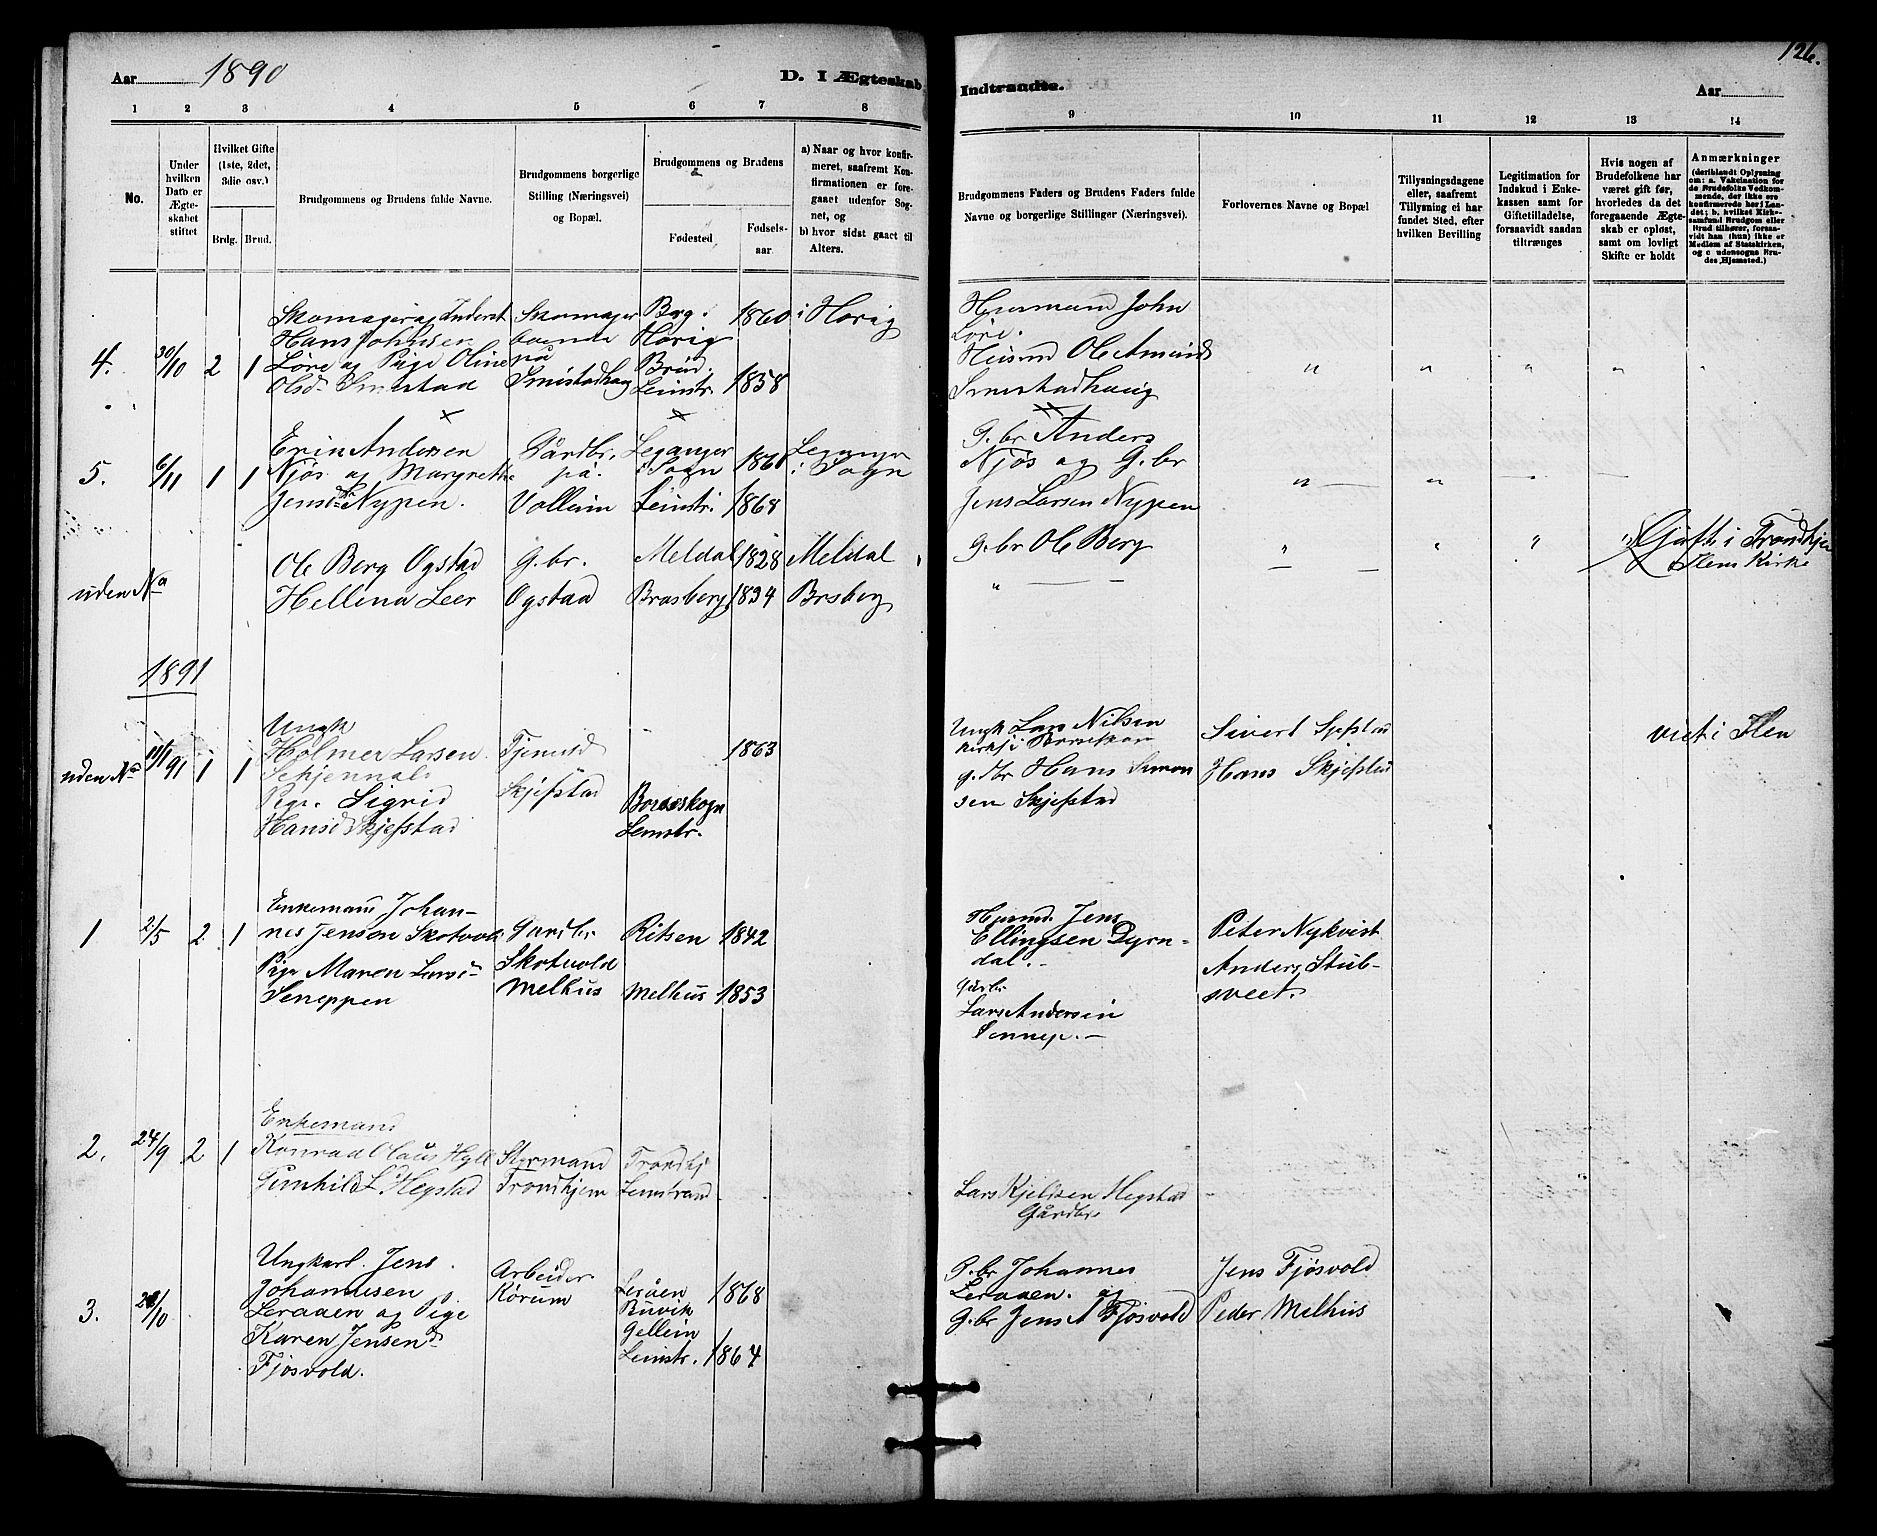 SAT, Ministerialprotokoller, klokkerbøker og fødselsregistre - Sør-Trøndelag, 613/L0395: Klokkerbok nr. 613C03, 1887-1909, s. 126